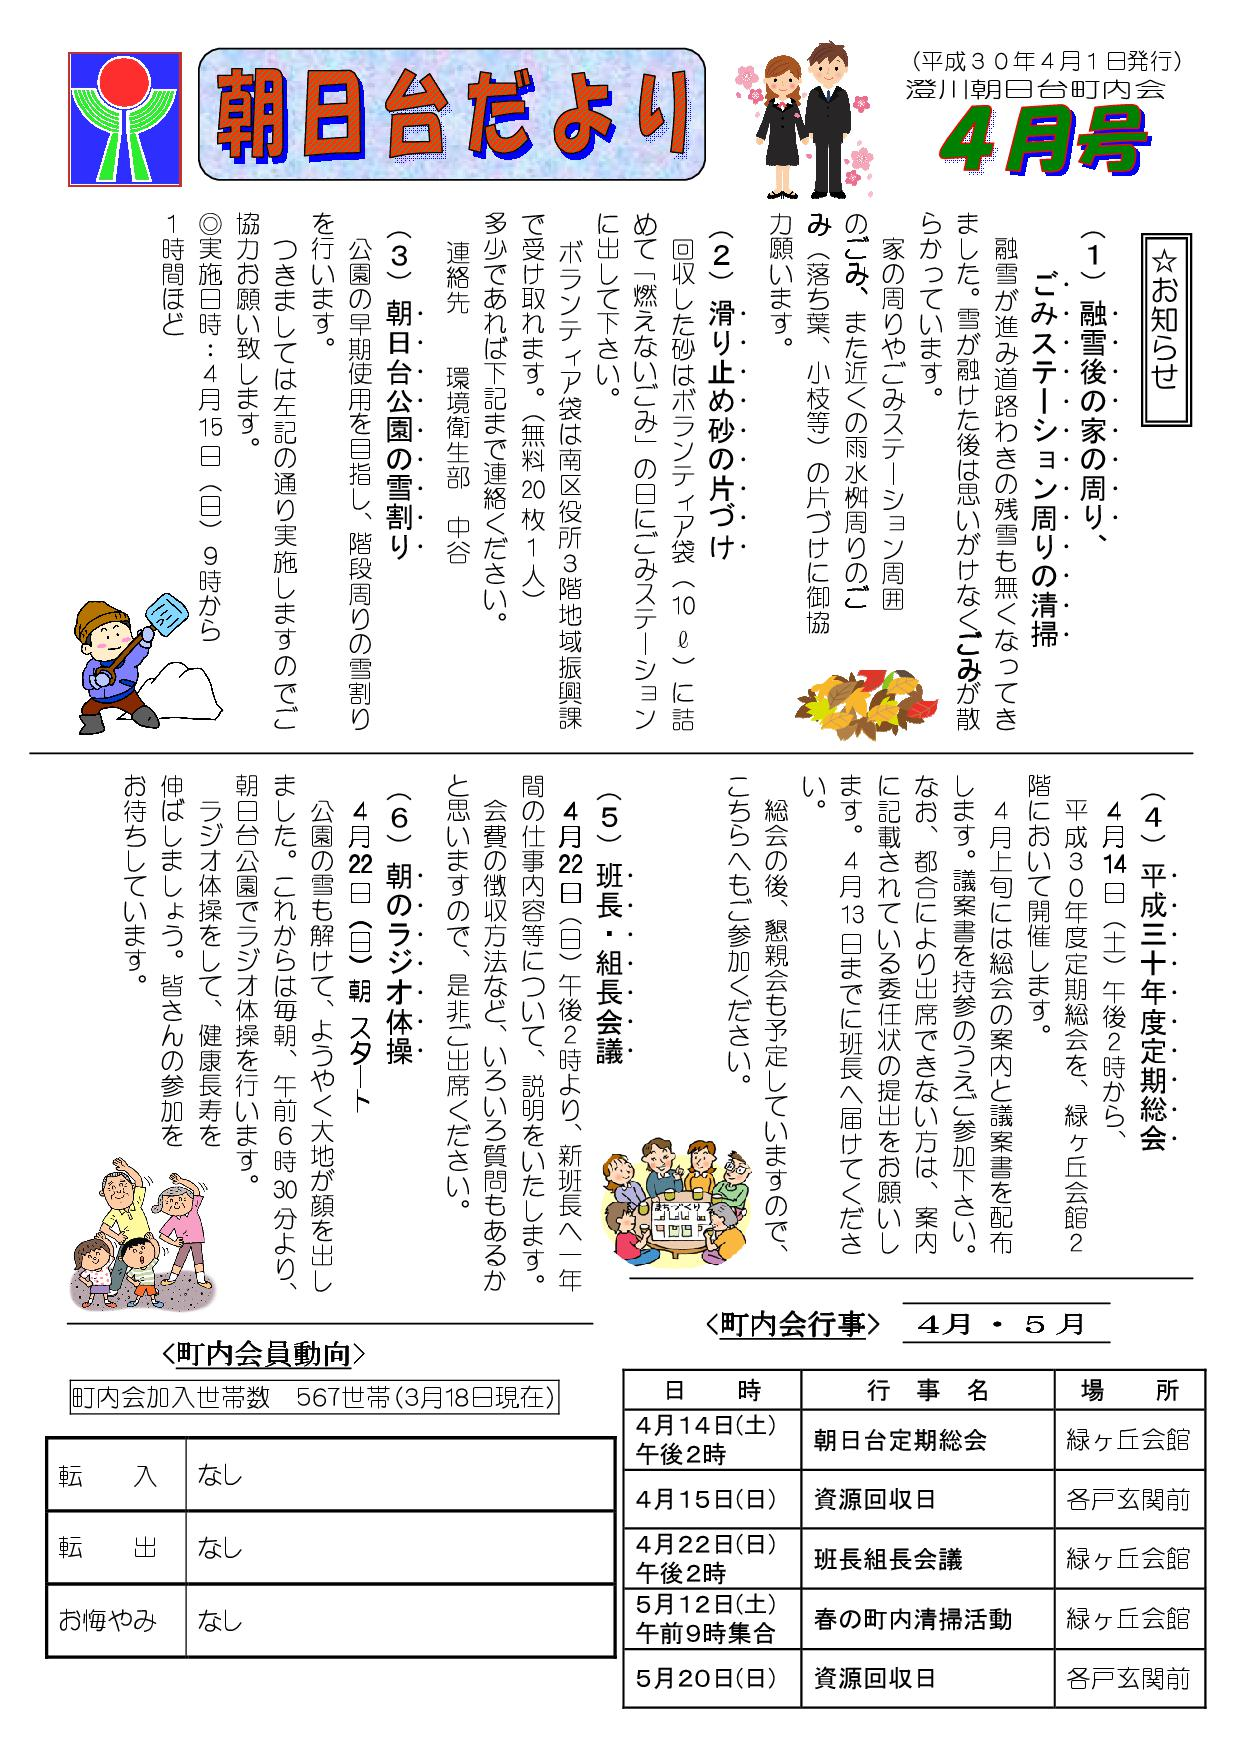 http://sumikawa.info/asahidai/30-4%E6%9C%88%E5%8F%B7.jpg